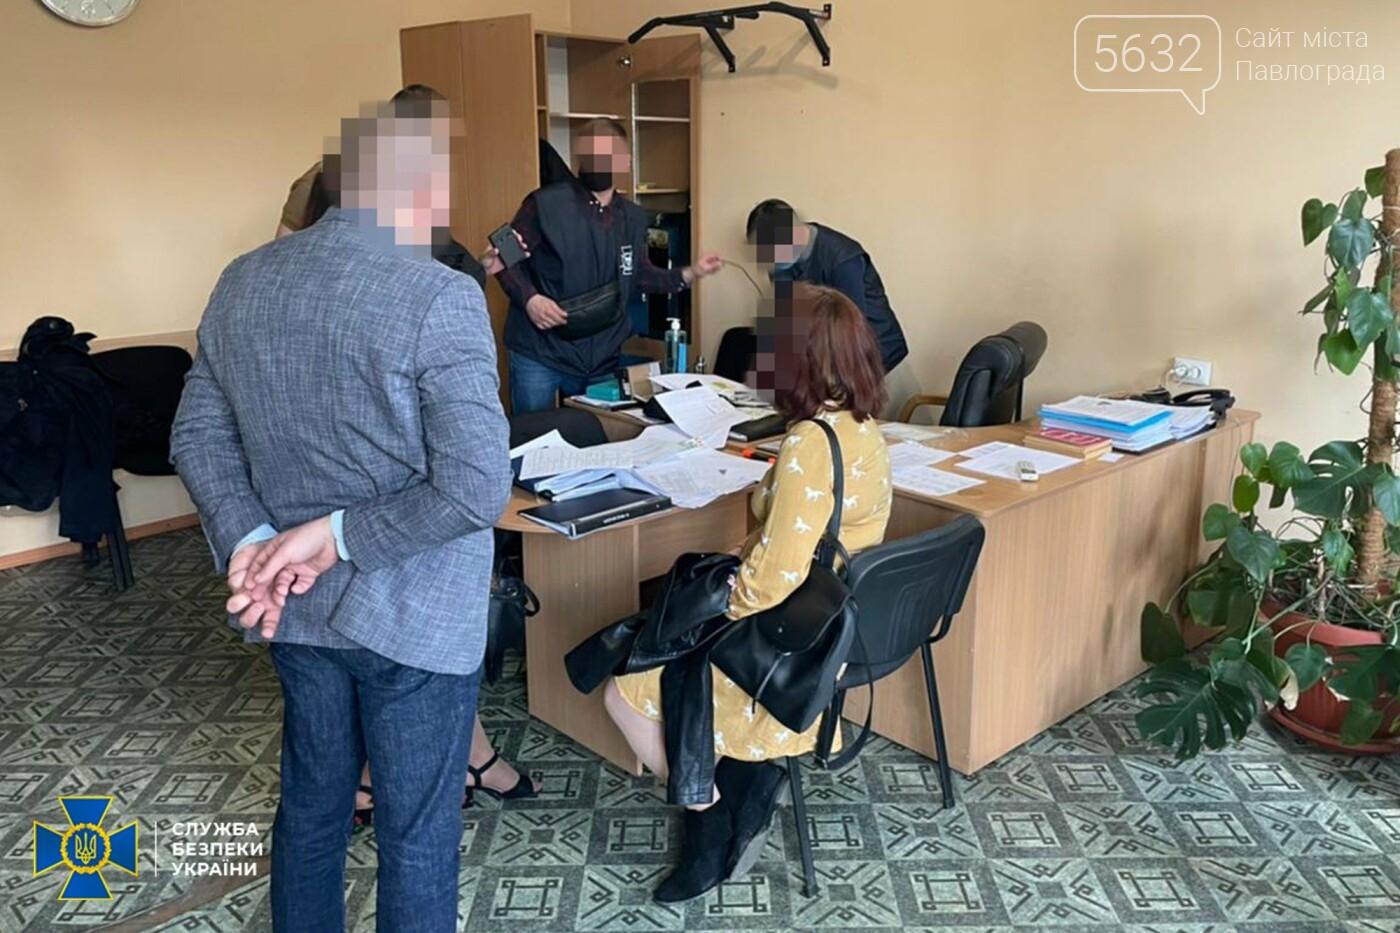 В Павлограде сотрудники СБУ разоблачили полицейских, которые продавали наркотики, фото-7